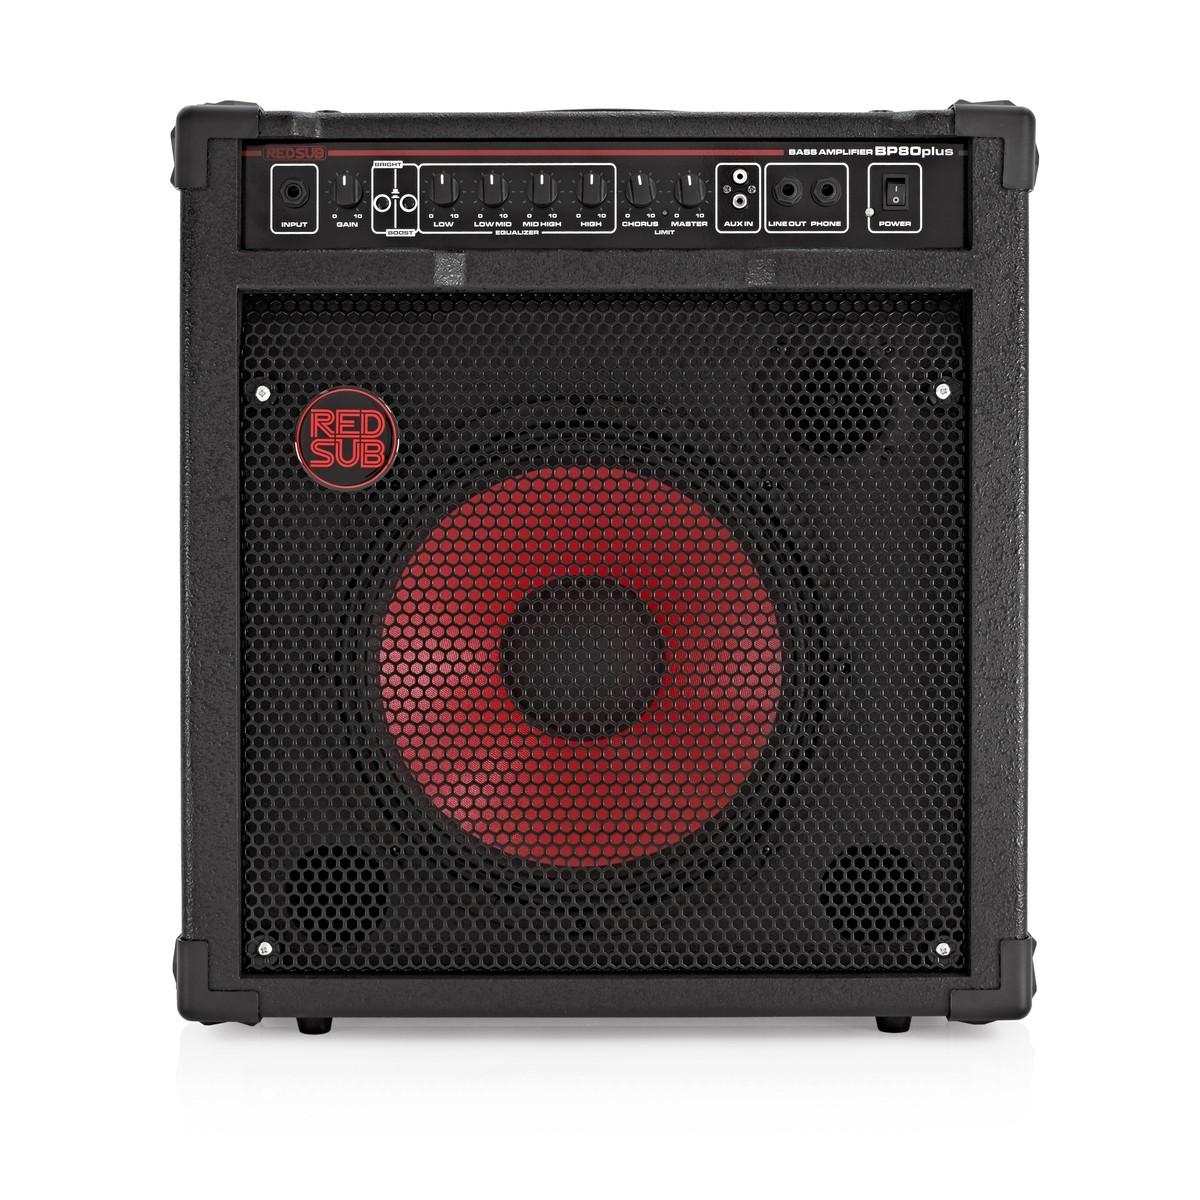 Amp For Guitar And Bass : redsub bp80plus 80w bass guitar amplifier at ~ Hamham.info Haus und Dekorationen